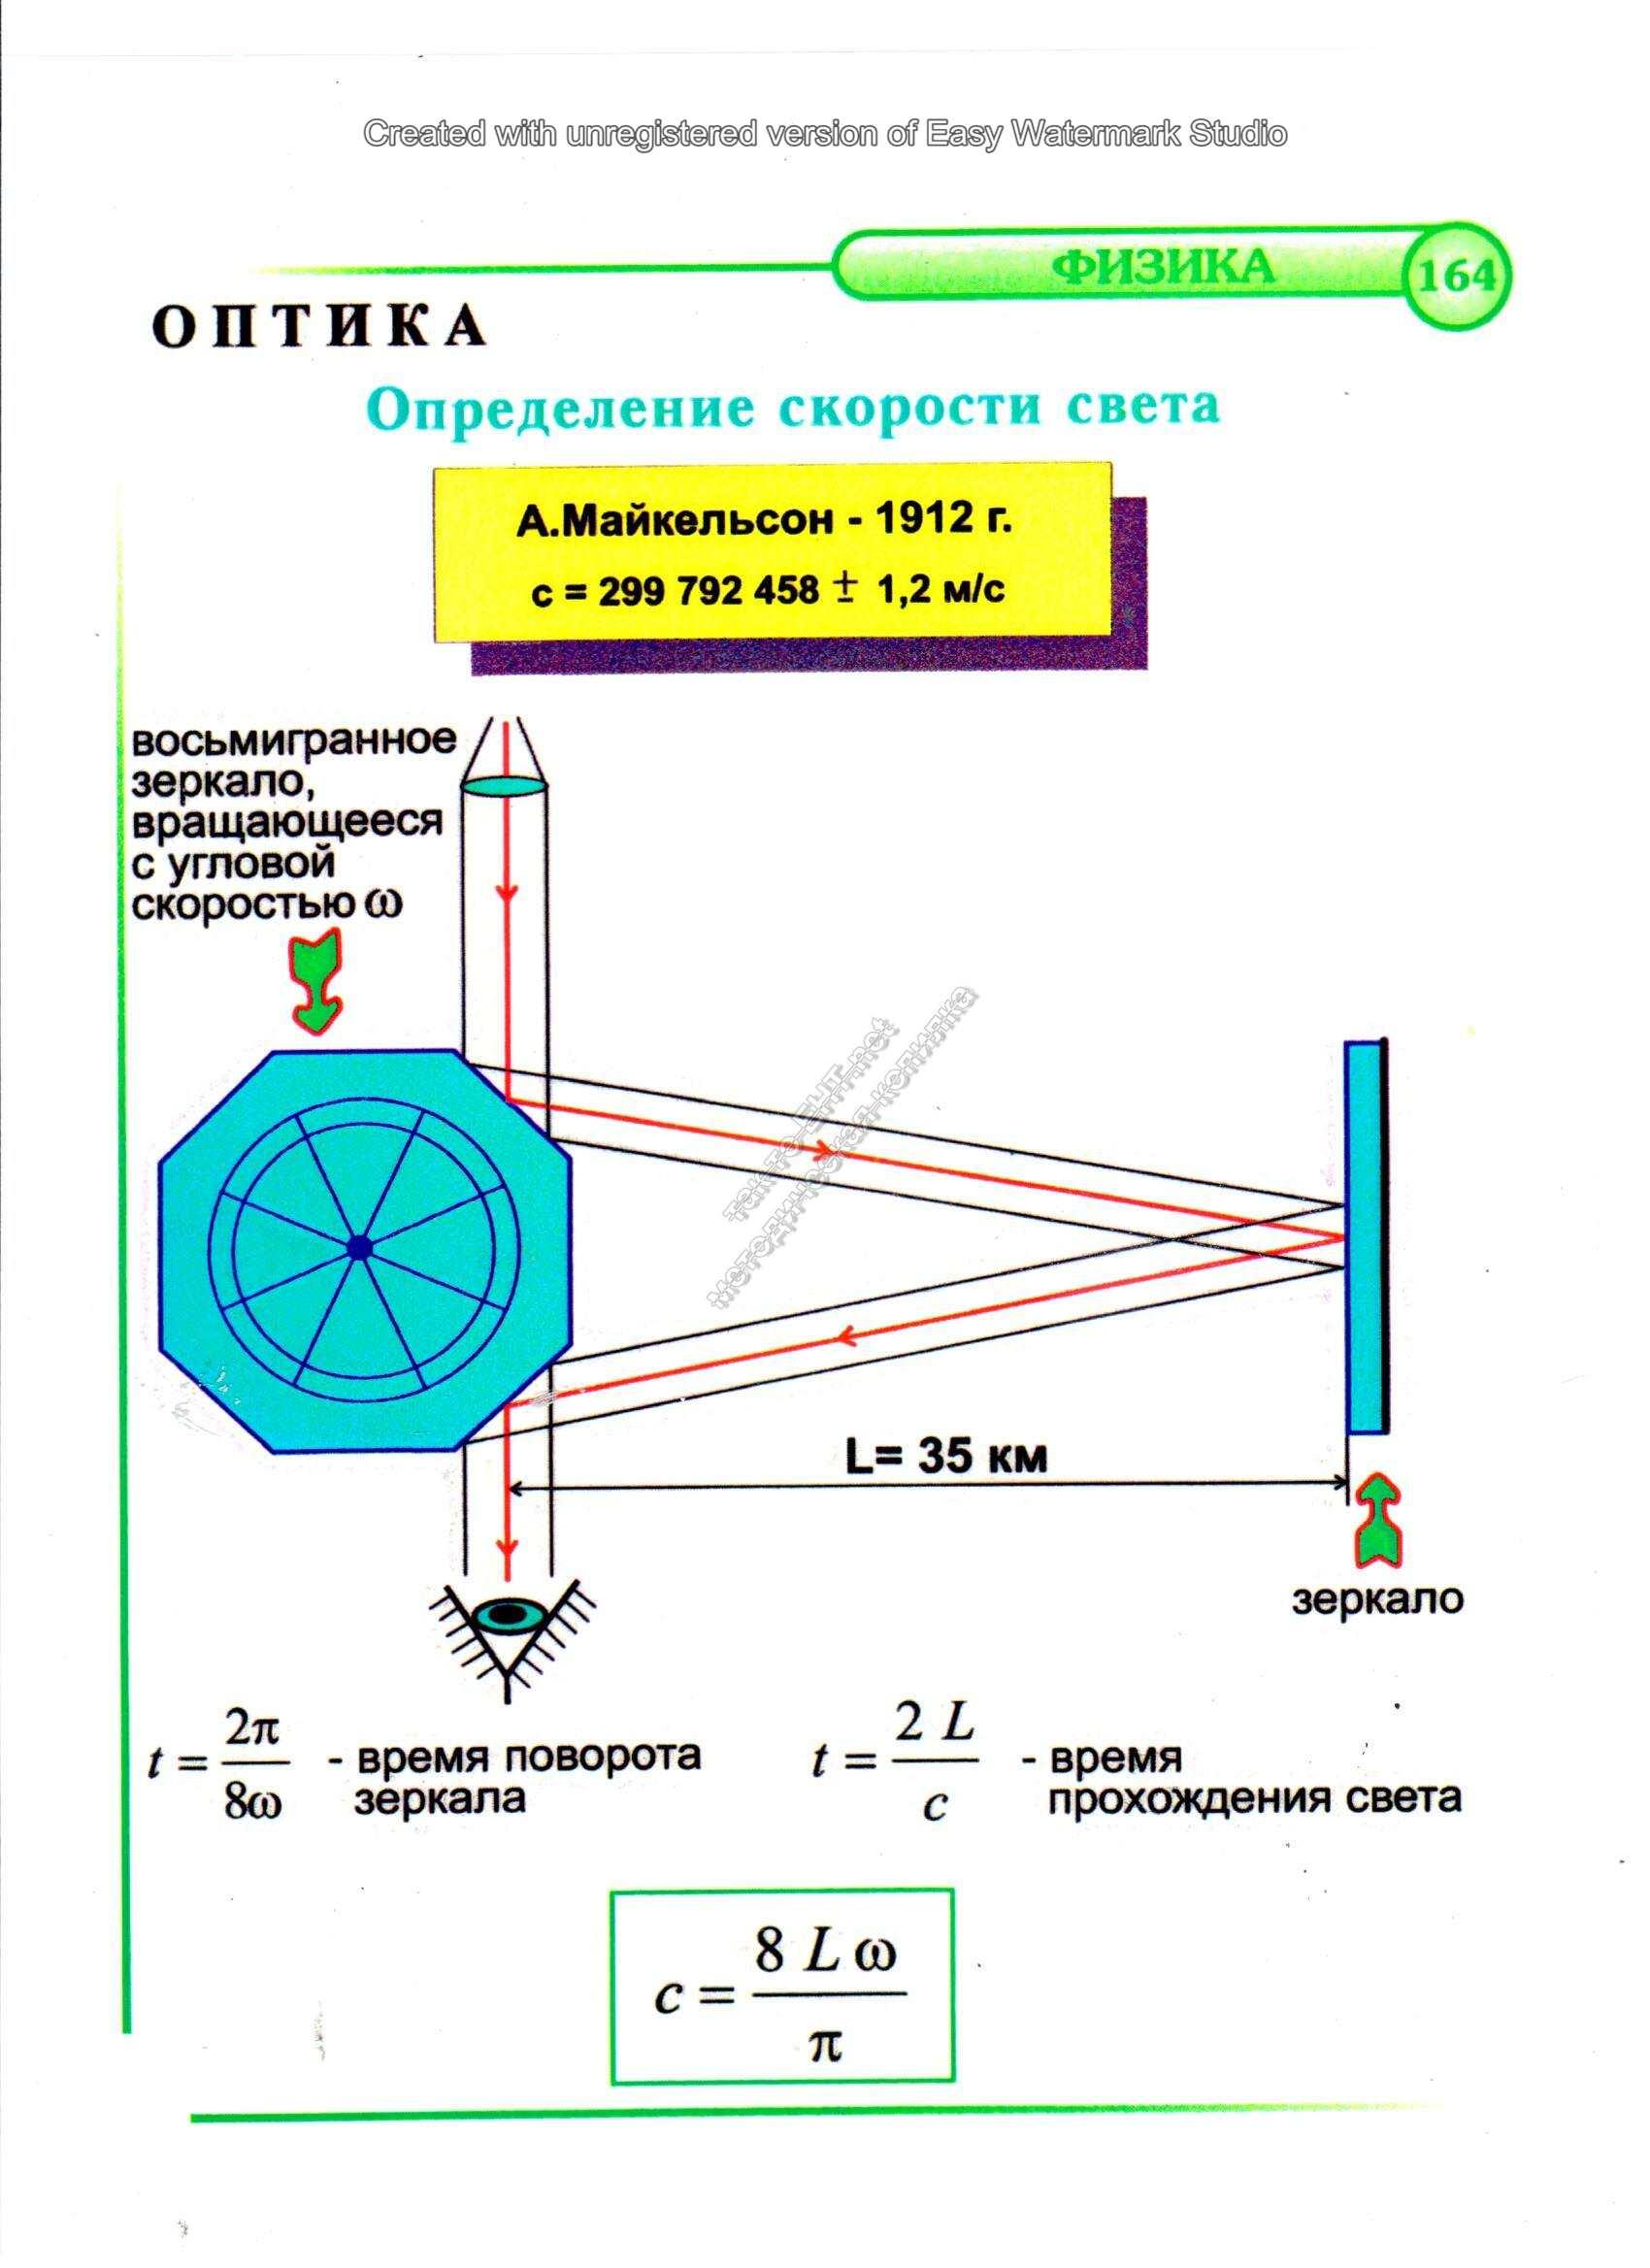 Определение скорости света